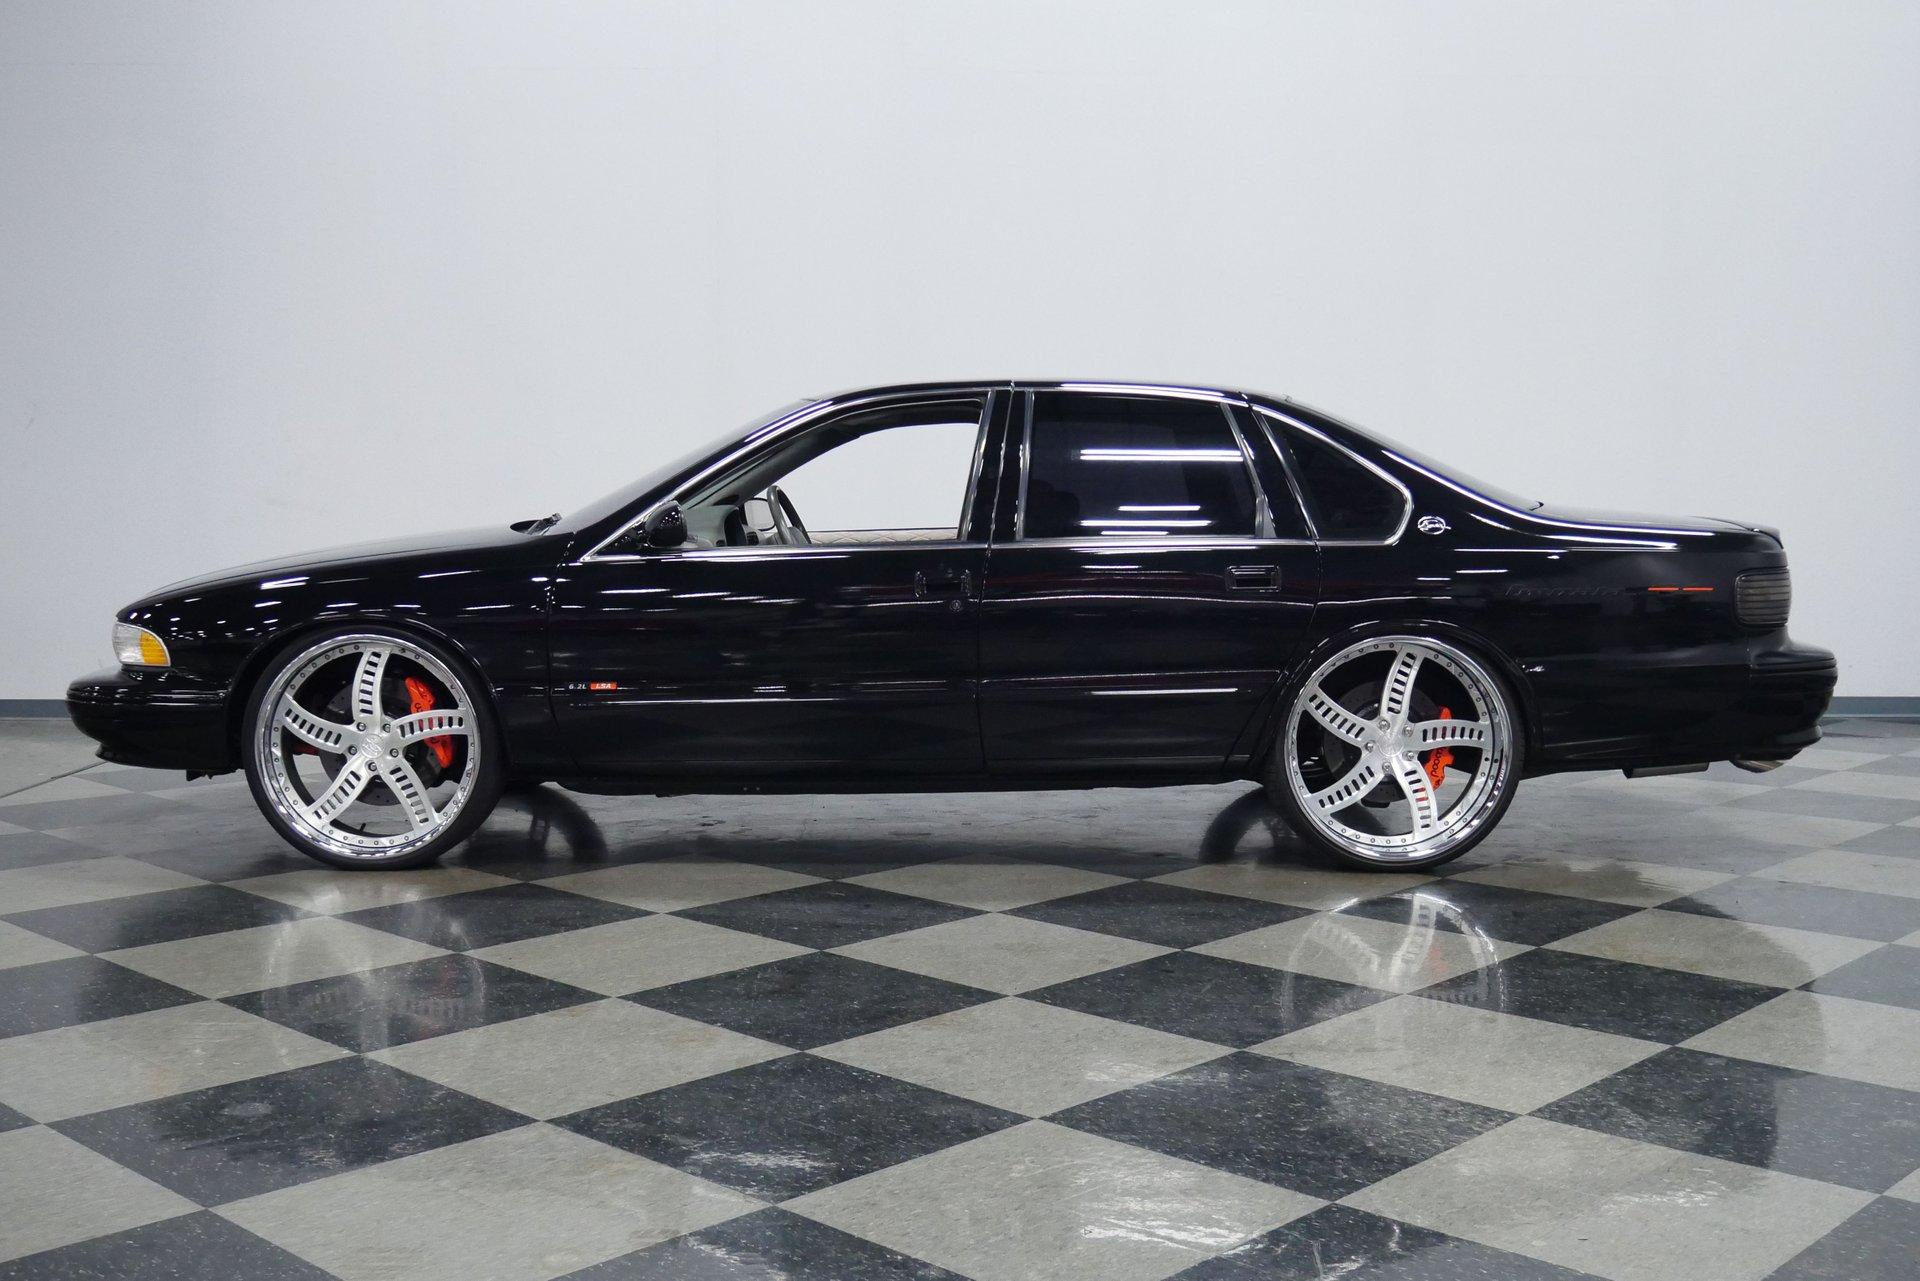 1996 chevrolet impala ss restomod